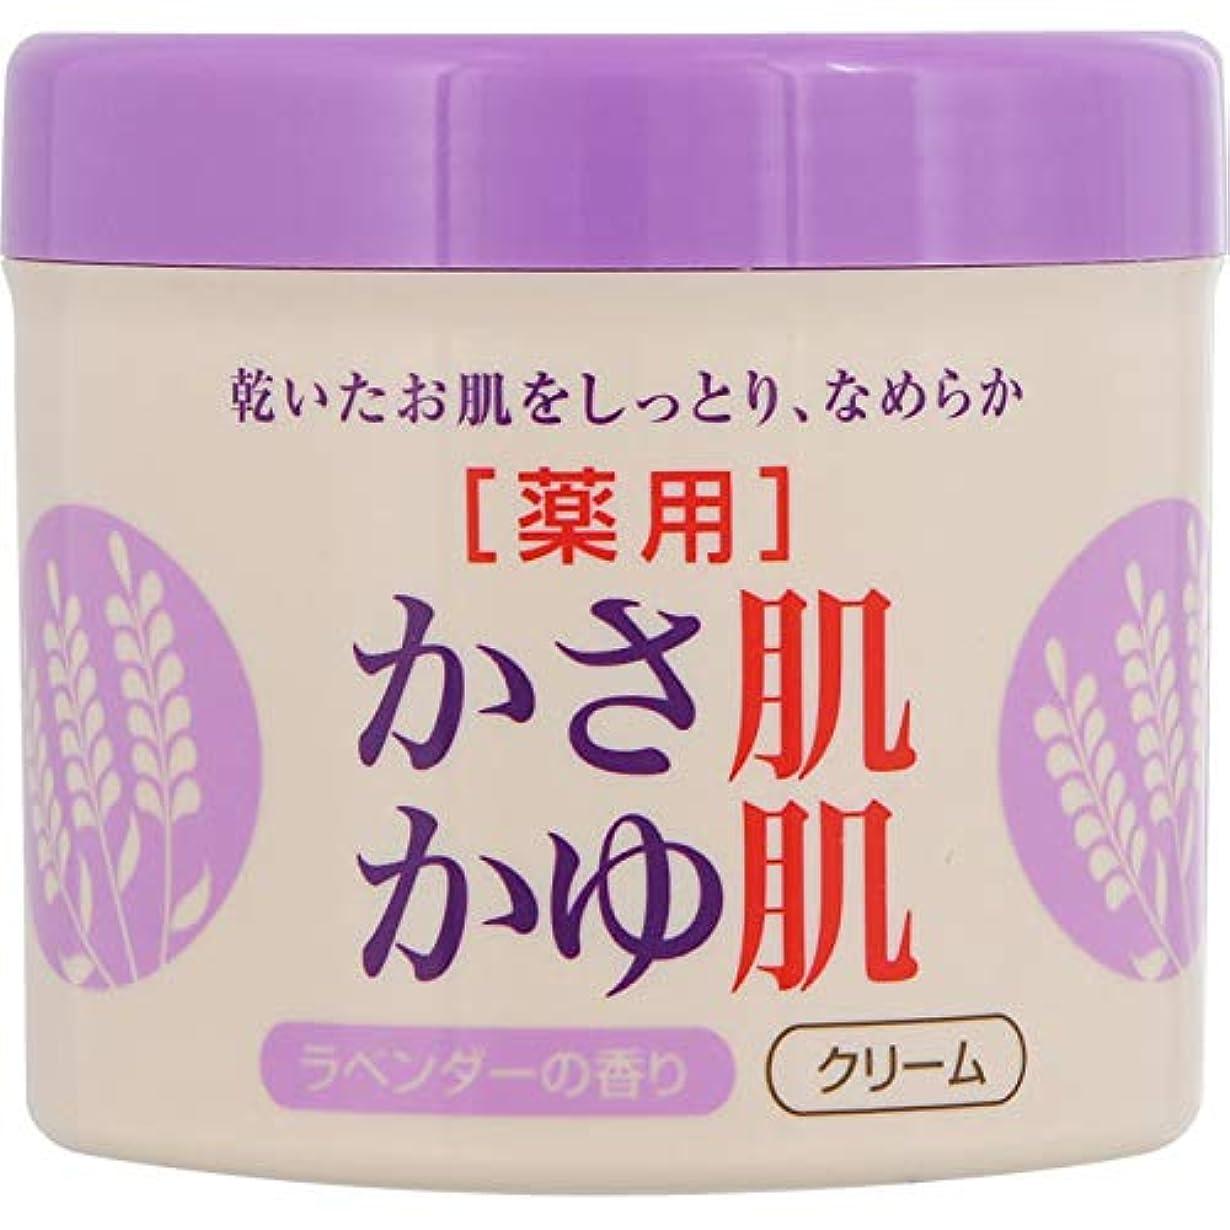 保全モバイルオセアニアMK 薬用かさ肌かゆ肌ミルキークリーム ラベンダー 280g (医薬部外品)